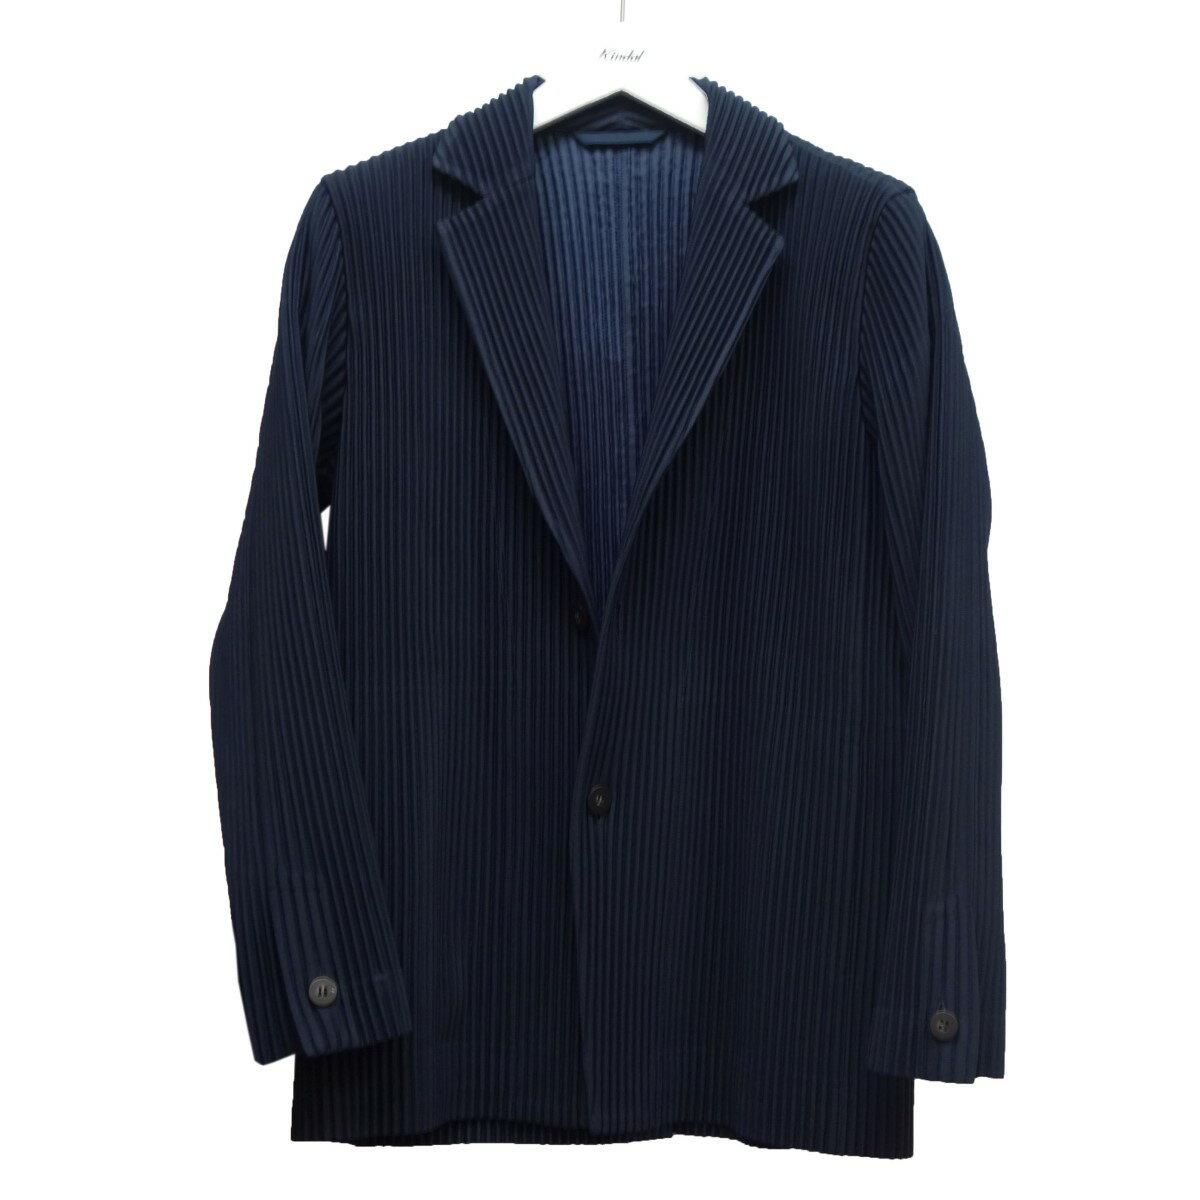 メンズファッション, コート・ジャケット HOMME PLISSE ISSEY MIYAKE 15AW 2 2 240920